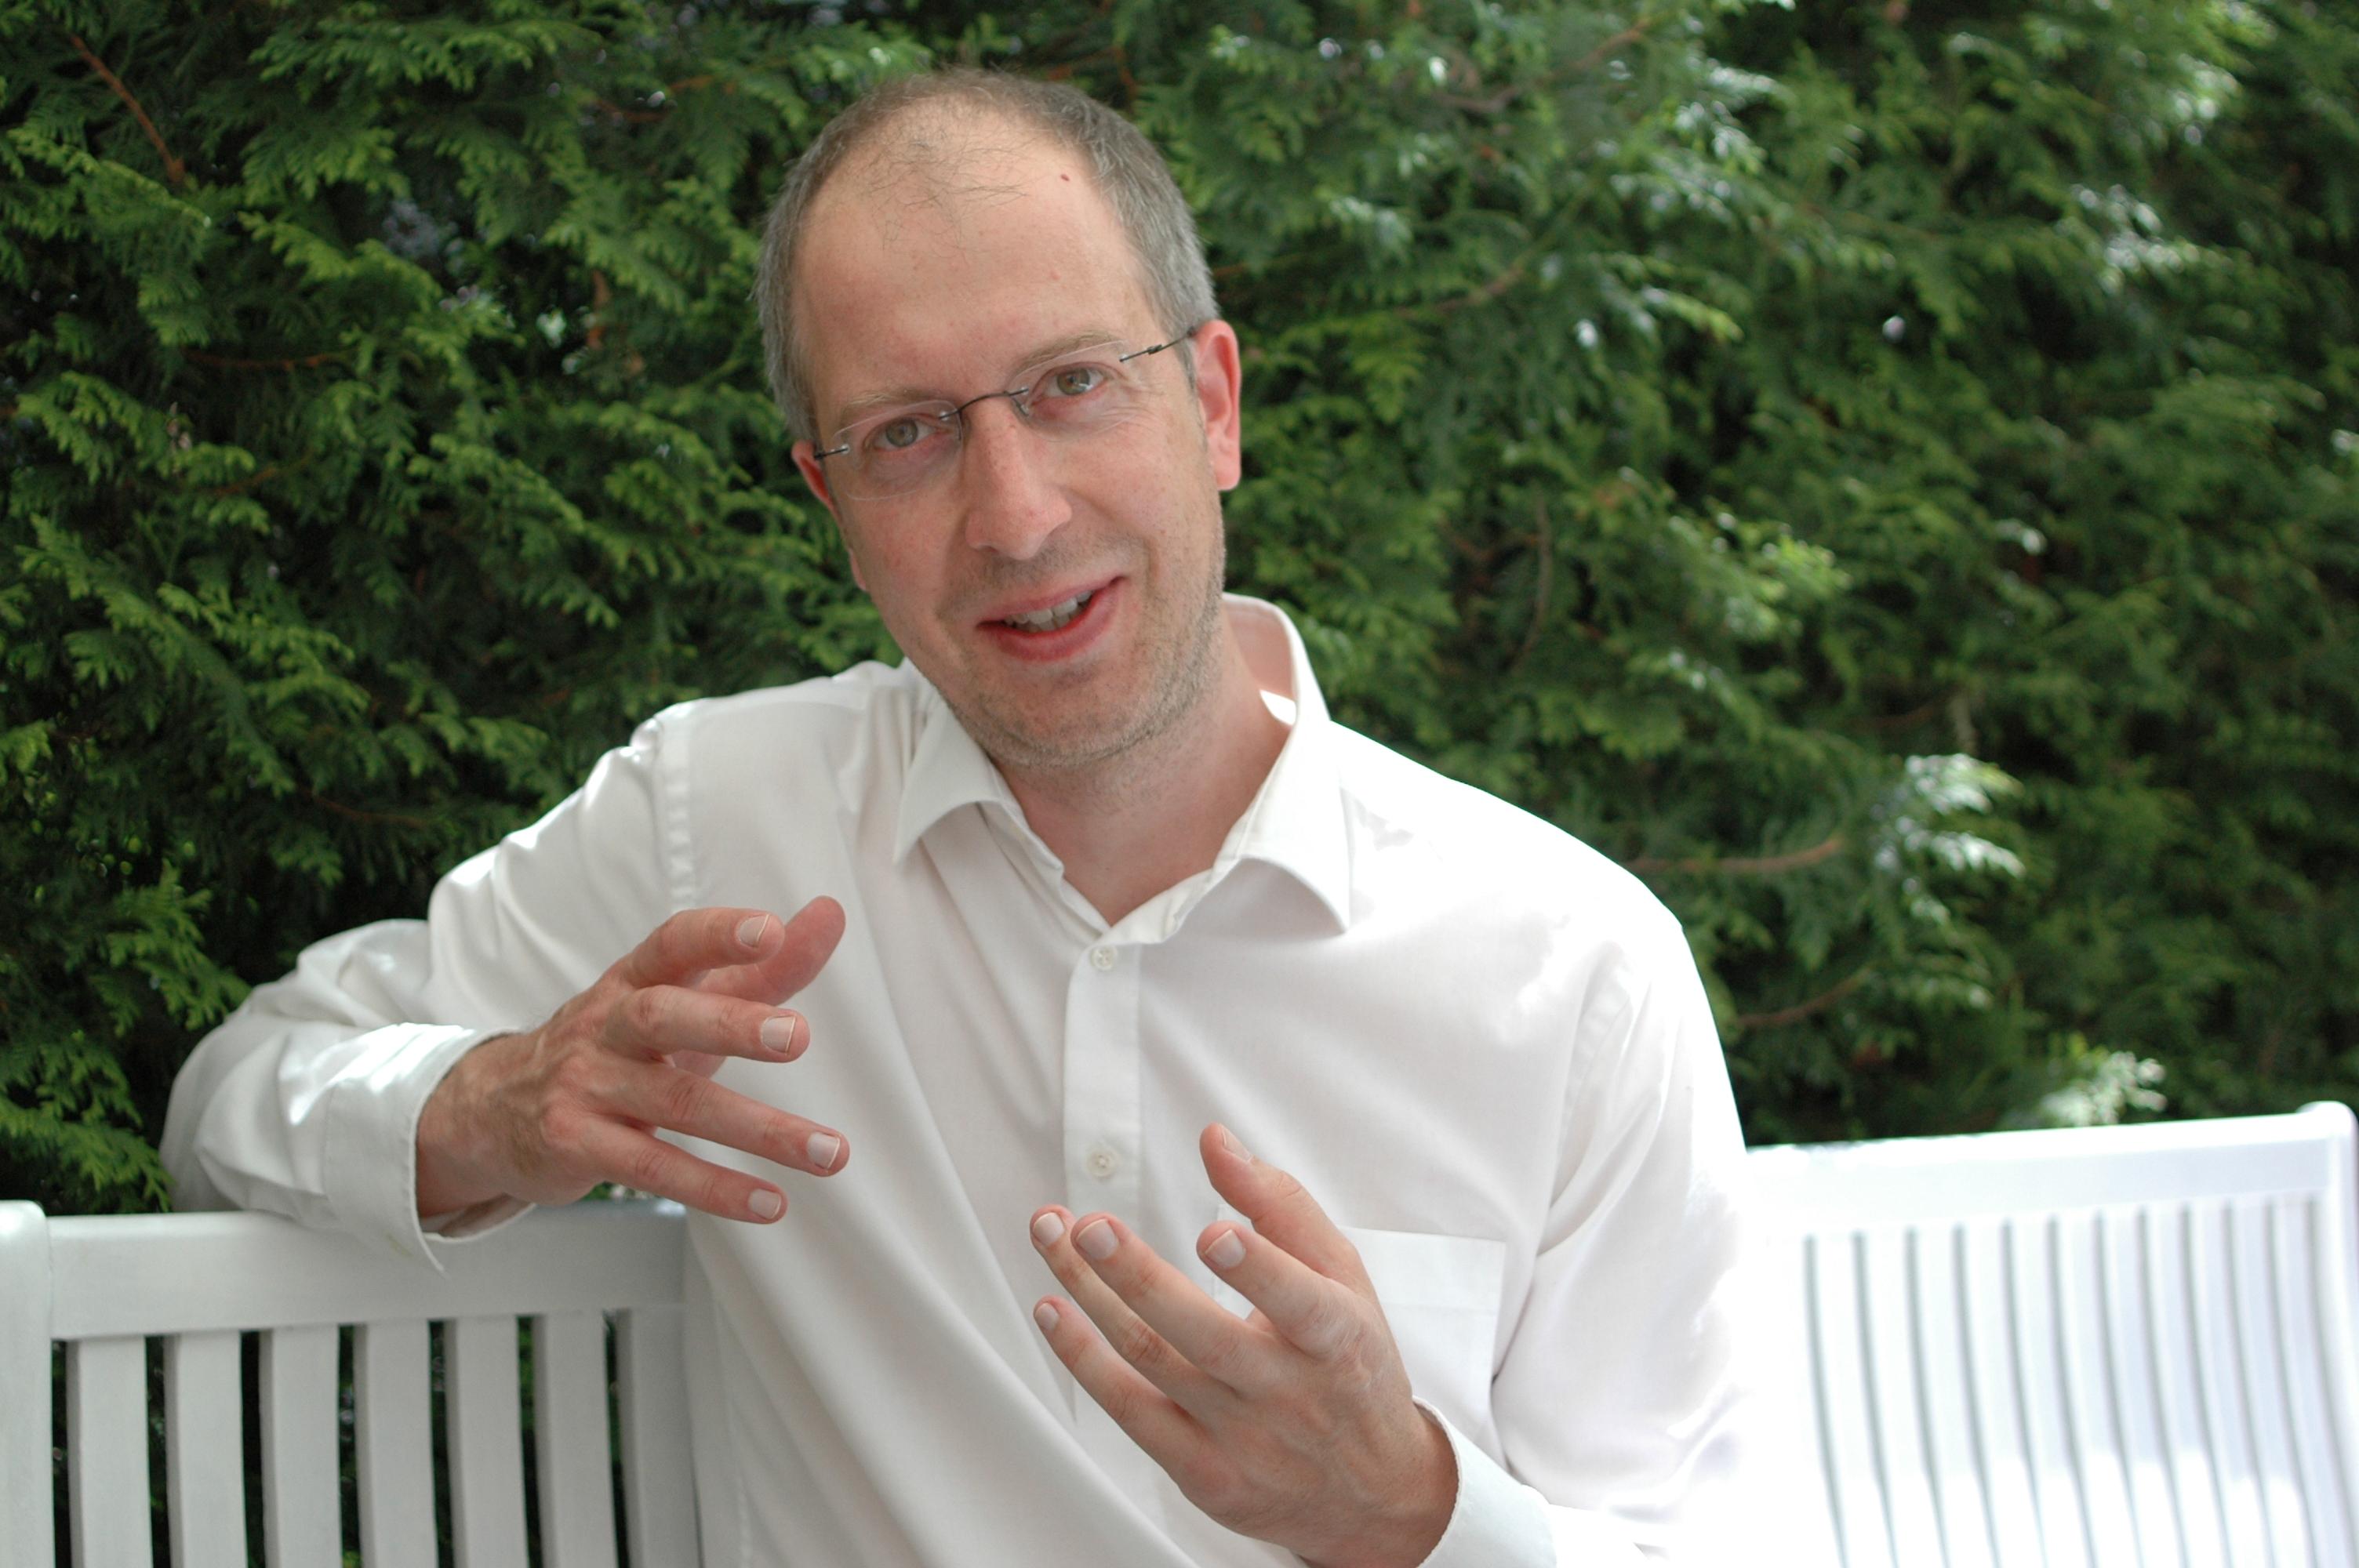 Jan_Tiemann_Mediation_in_Berlin_1